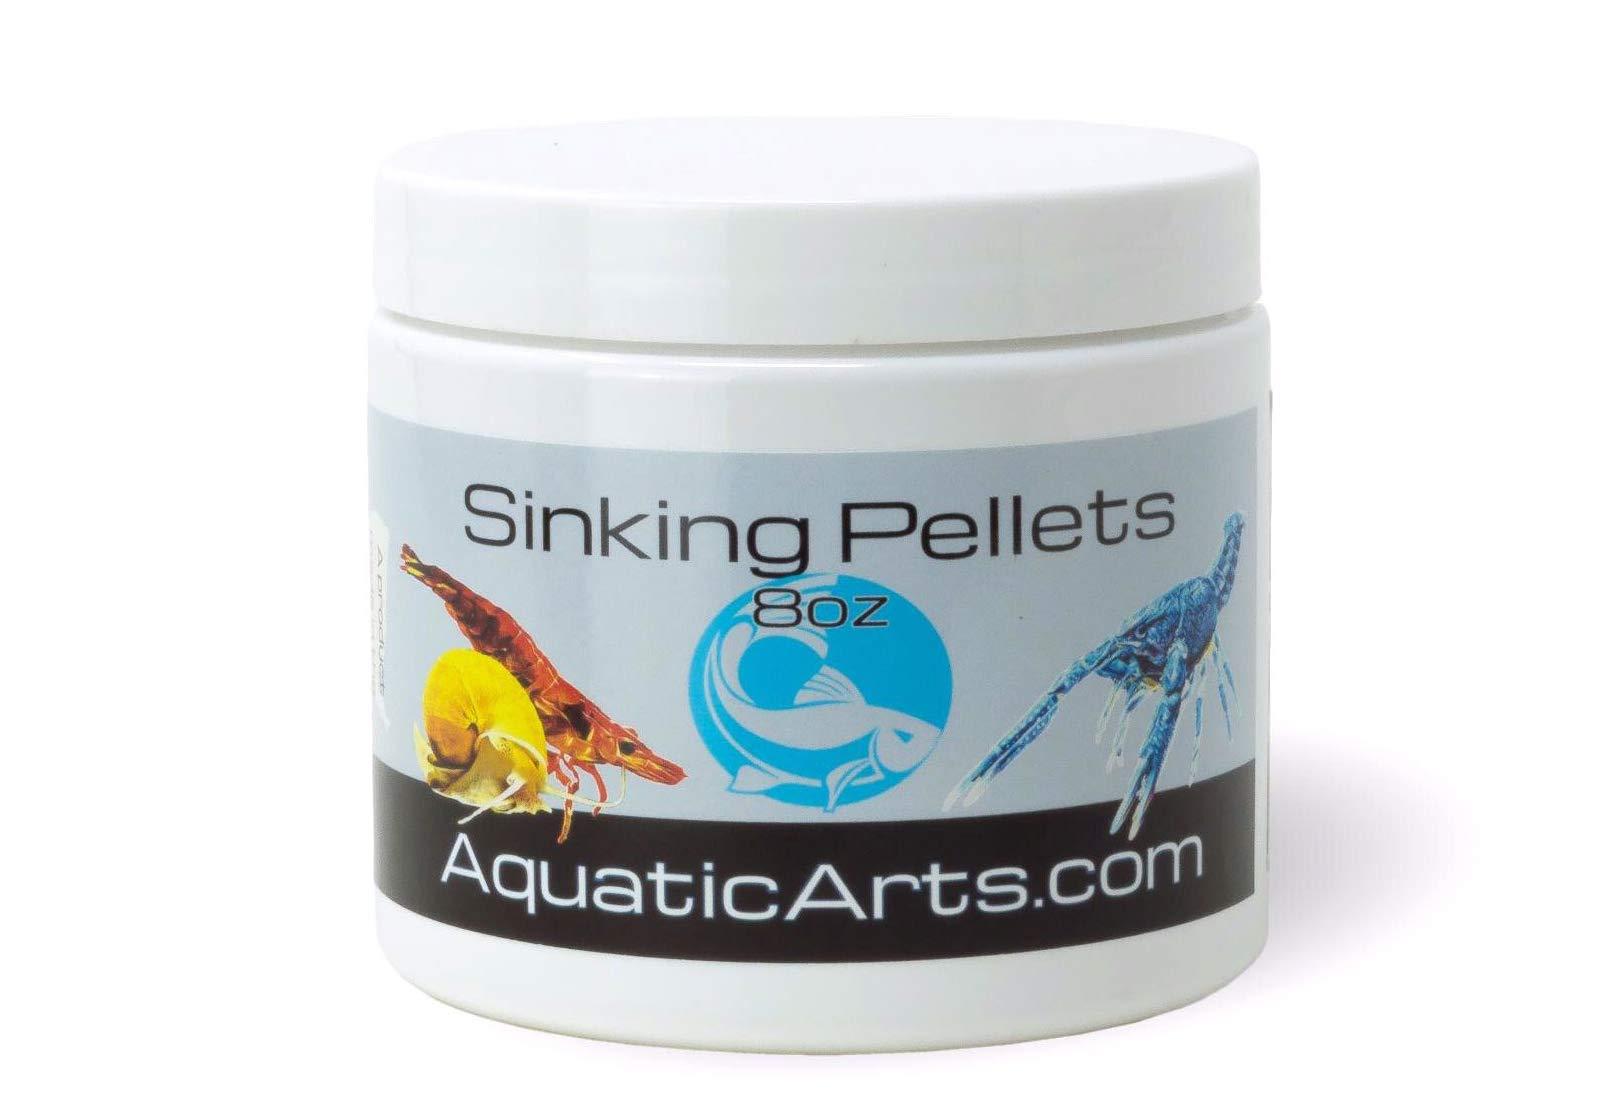 Aquatic Arts Sinking Pellets (.5 lb) Spirulina Food for Freshwater Invertebrates (Crayfish, Crabs, Shrimp, Snails), Fish (Cichlid, Tetra) and More by Aquatic Arts